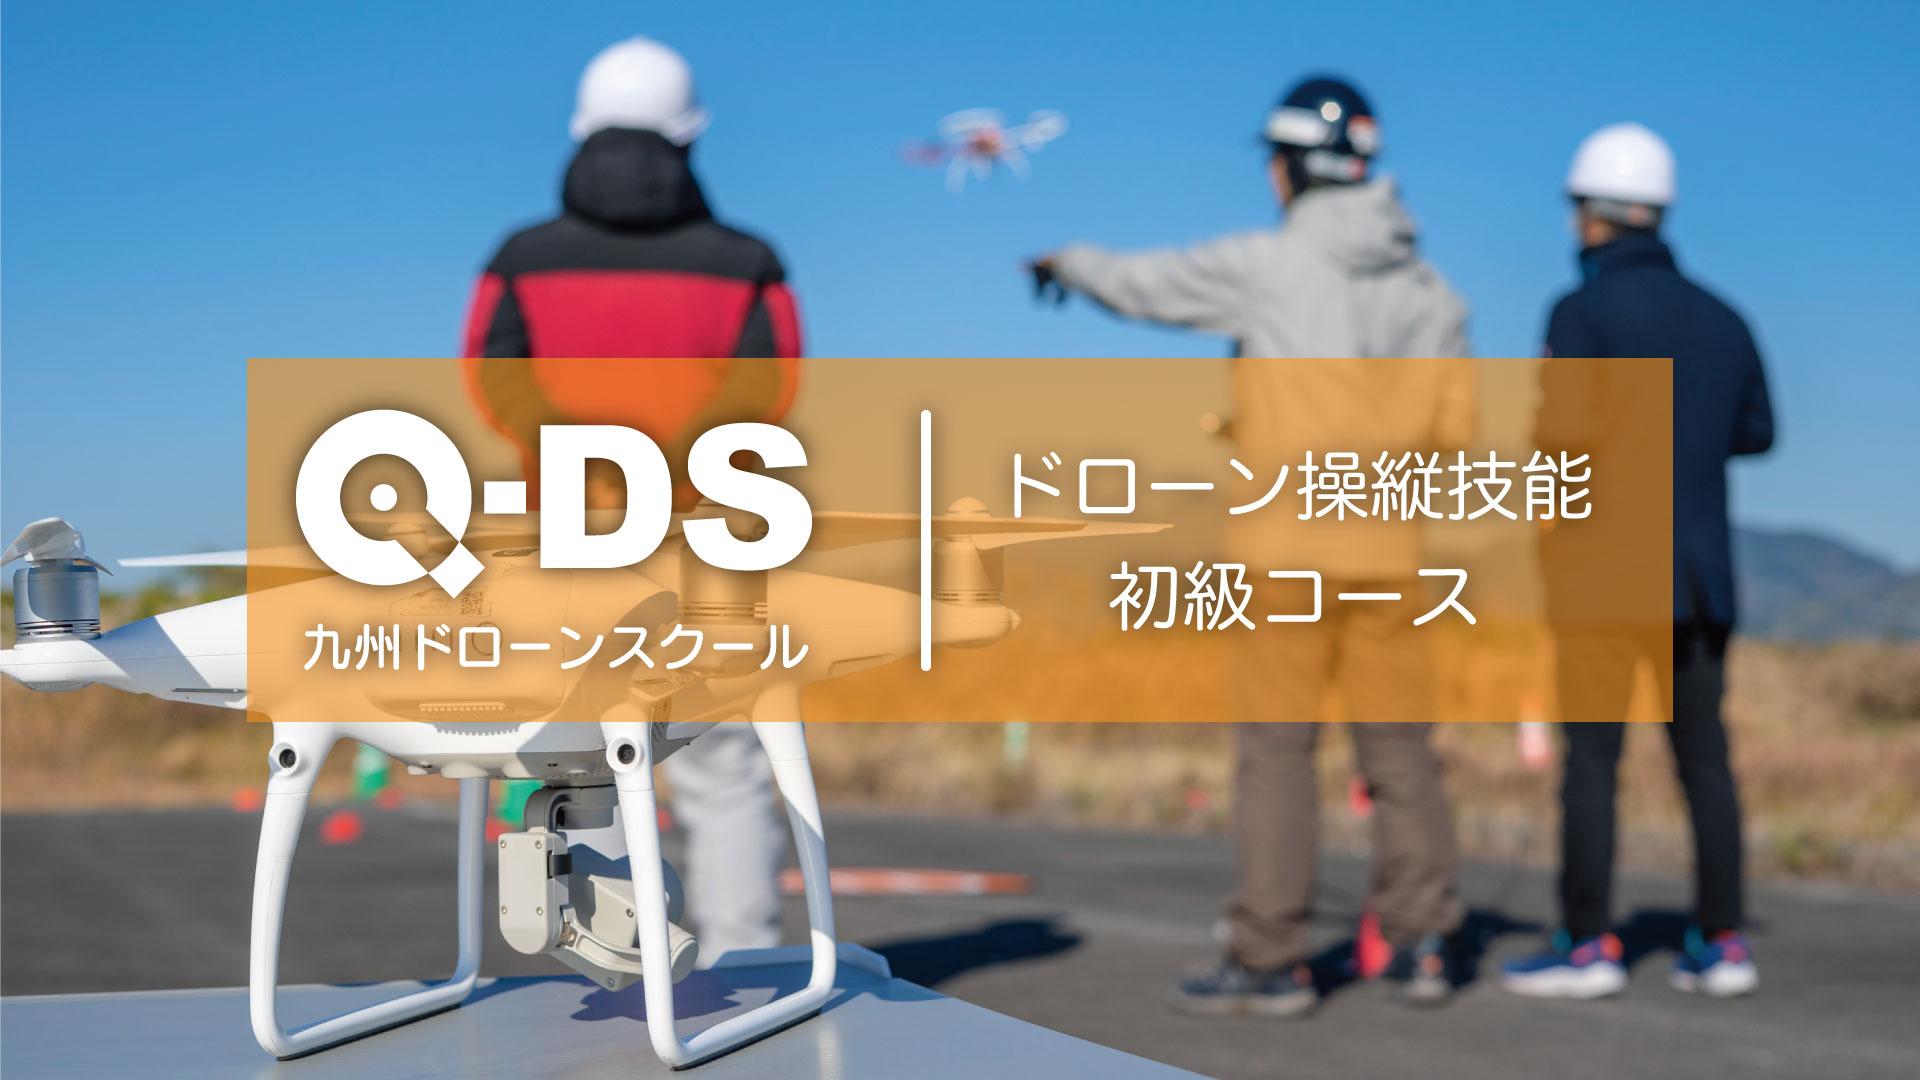 ドローン操縦技能初級コース開講!